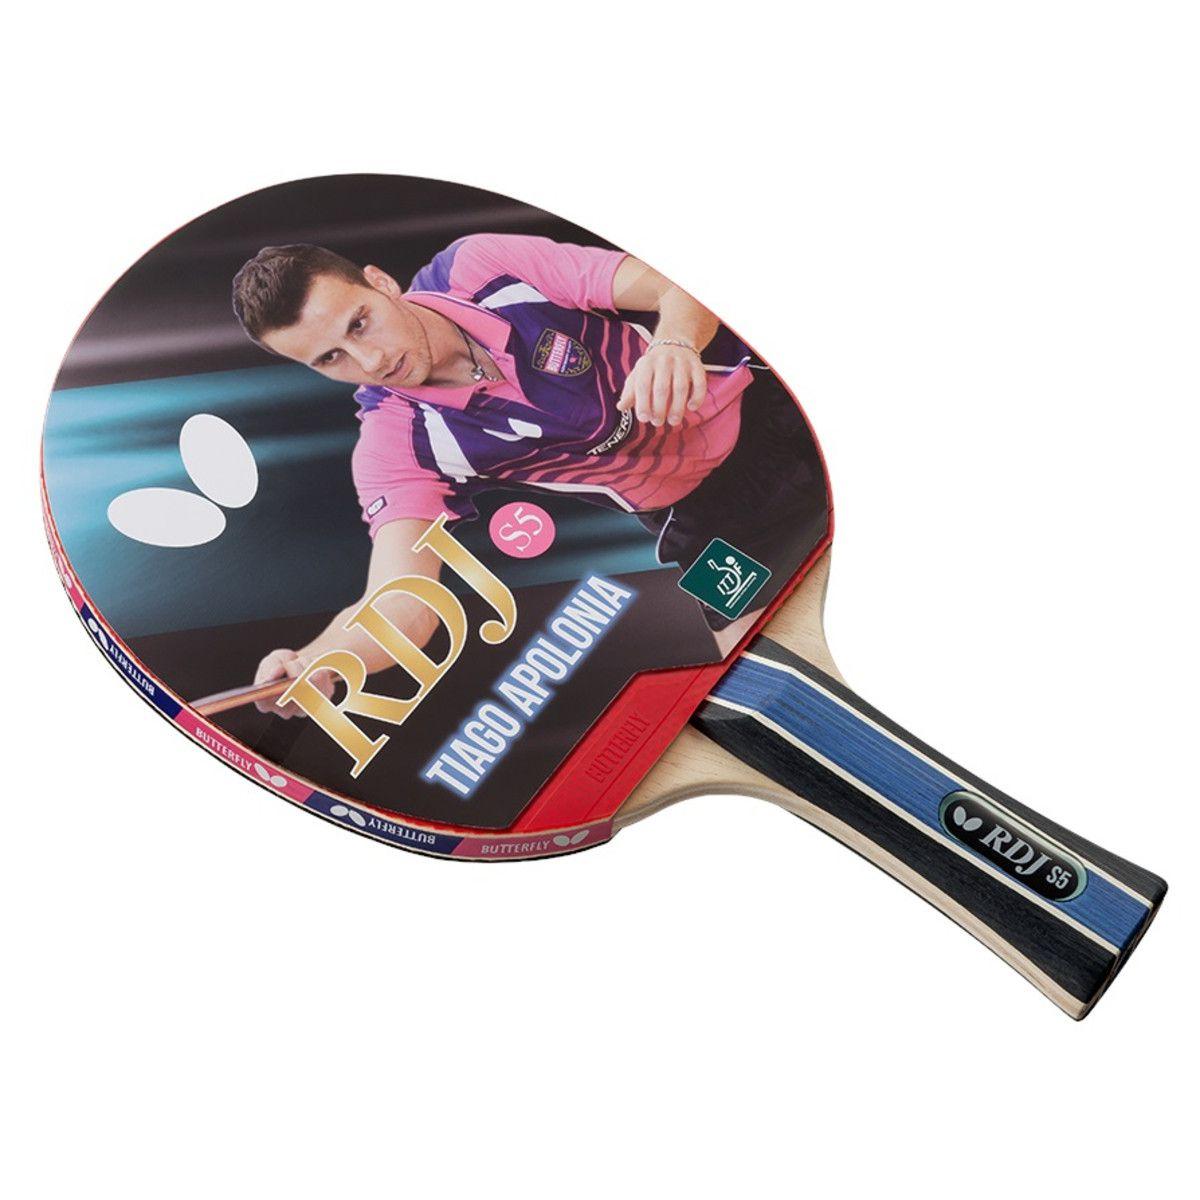 Raquete de tenis de Mesa Butterfly RDJ S5 - Tiago Apolonia  - REAL ESPORTE